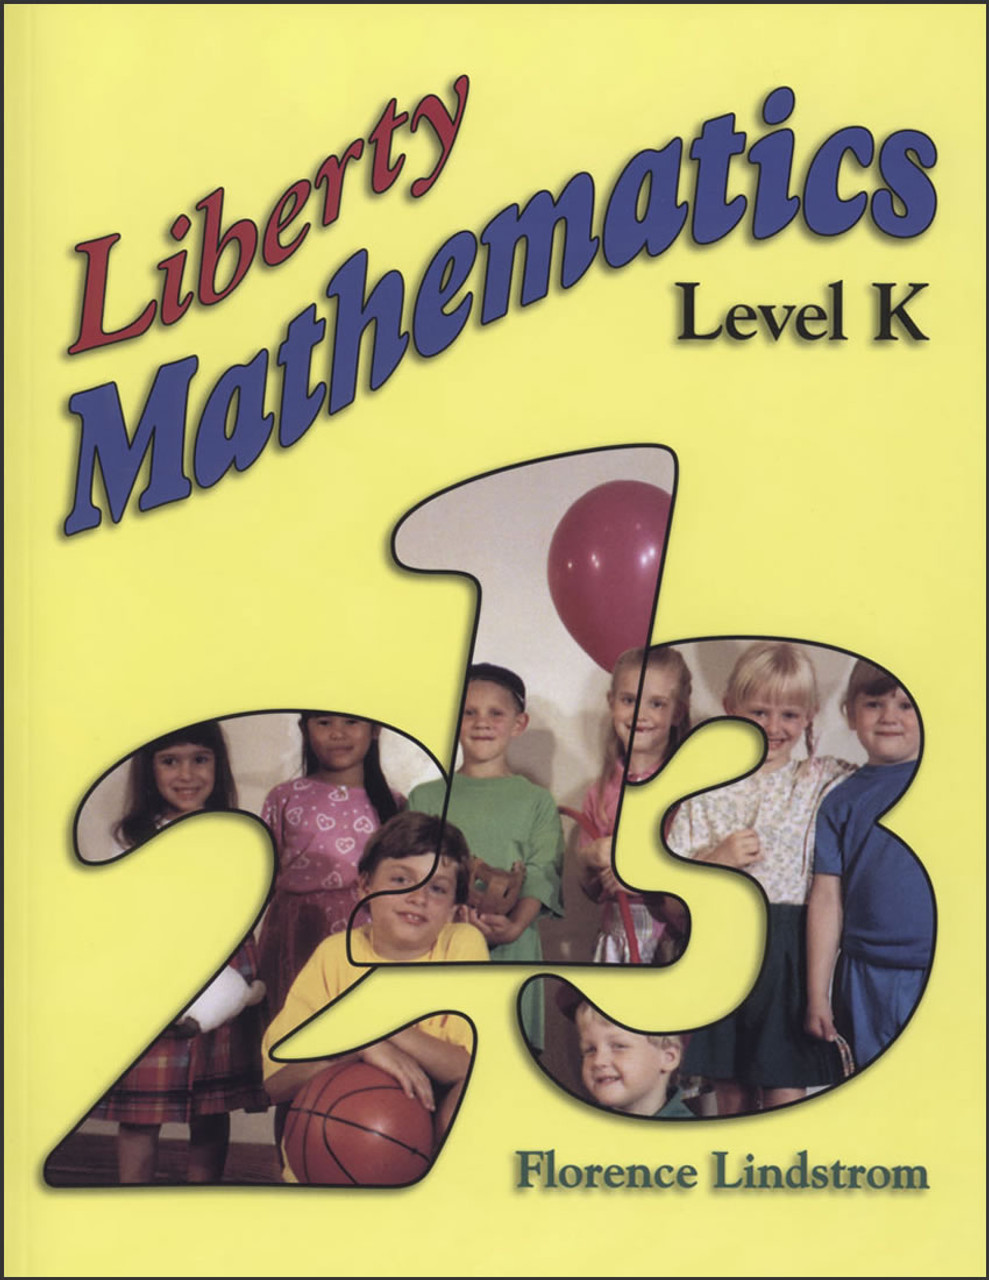 Liberty Mathematics Level K